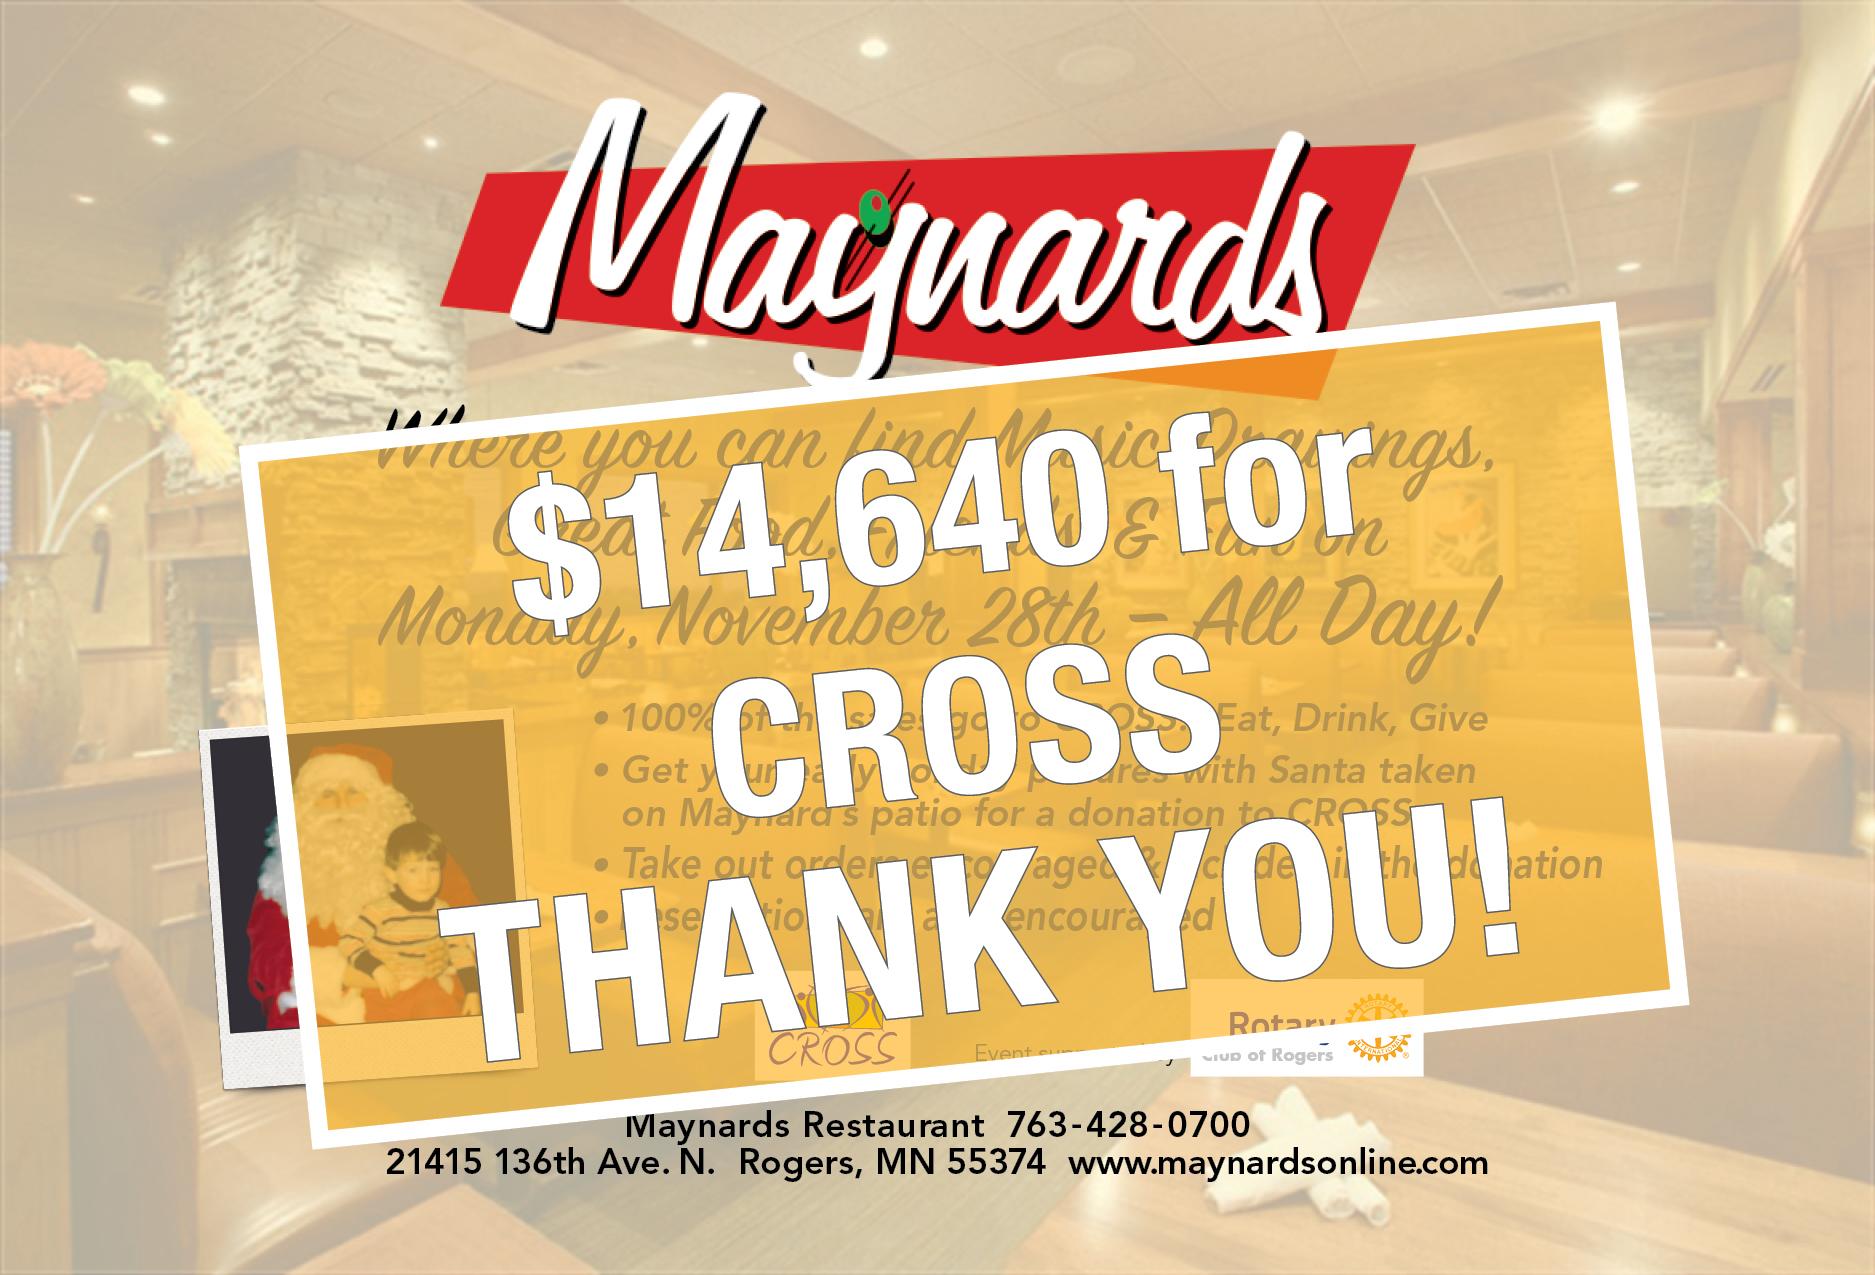 2016-cross-maynards-6x-4-fundraiser-final3